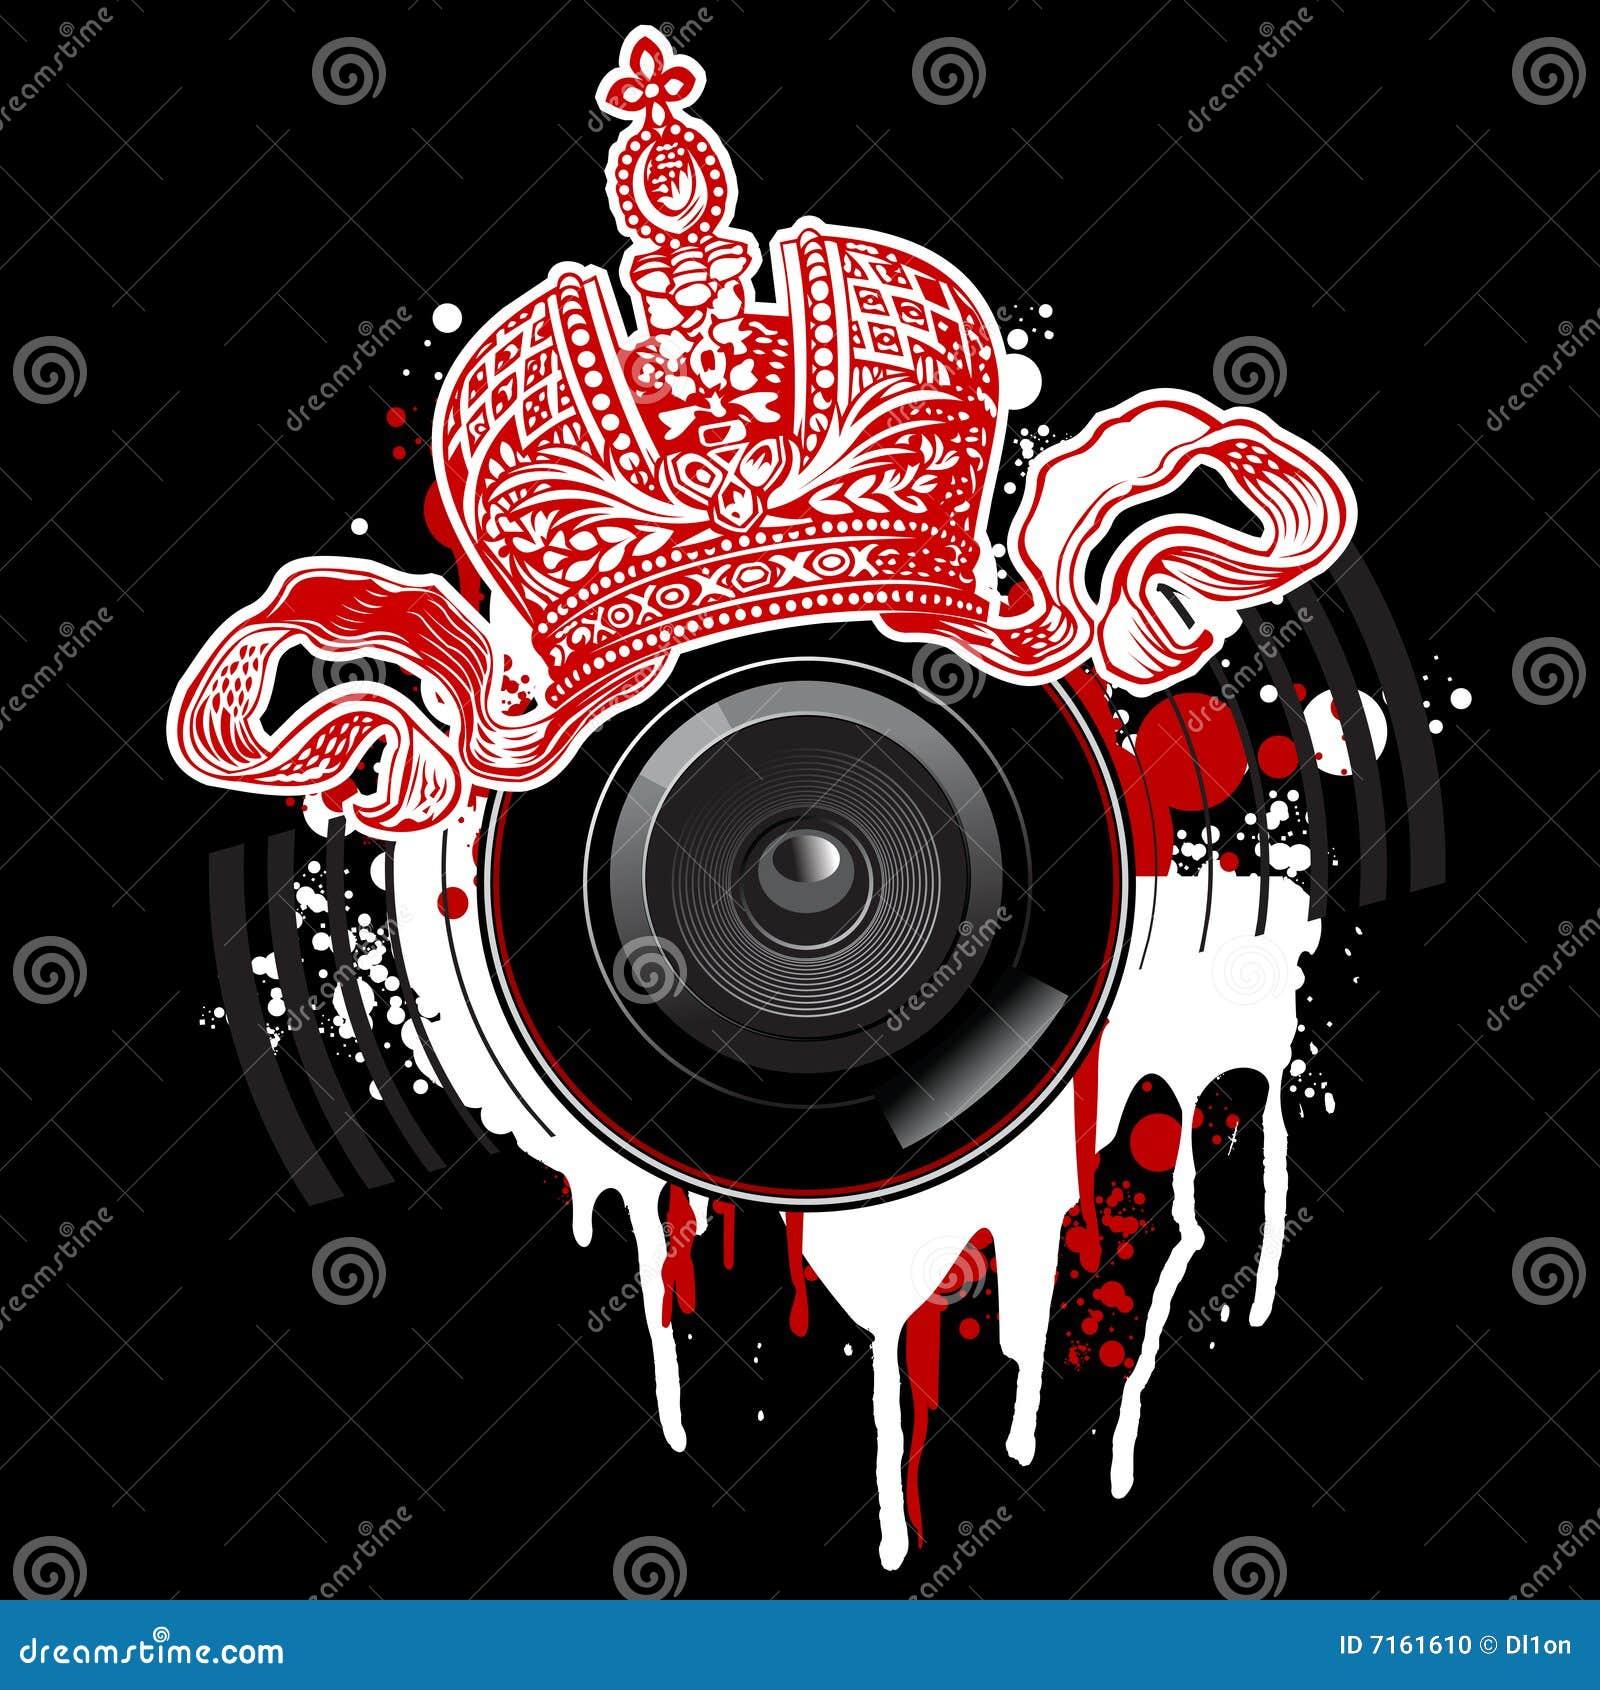 Graffiti Crown And Loudspeaker